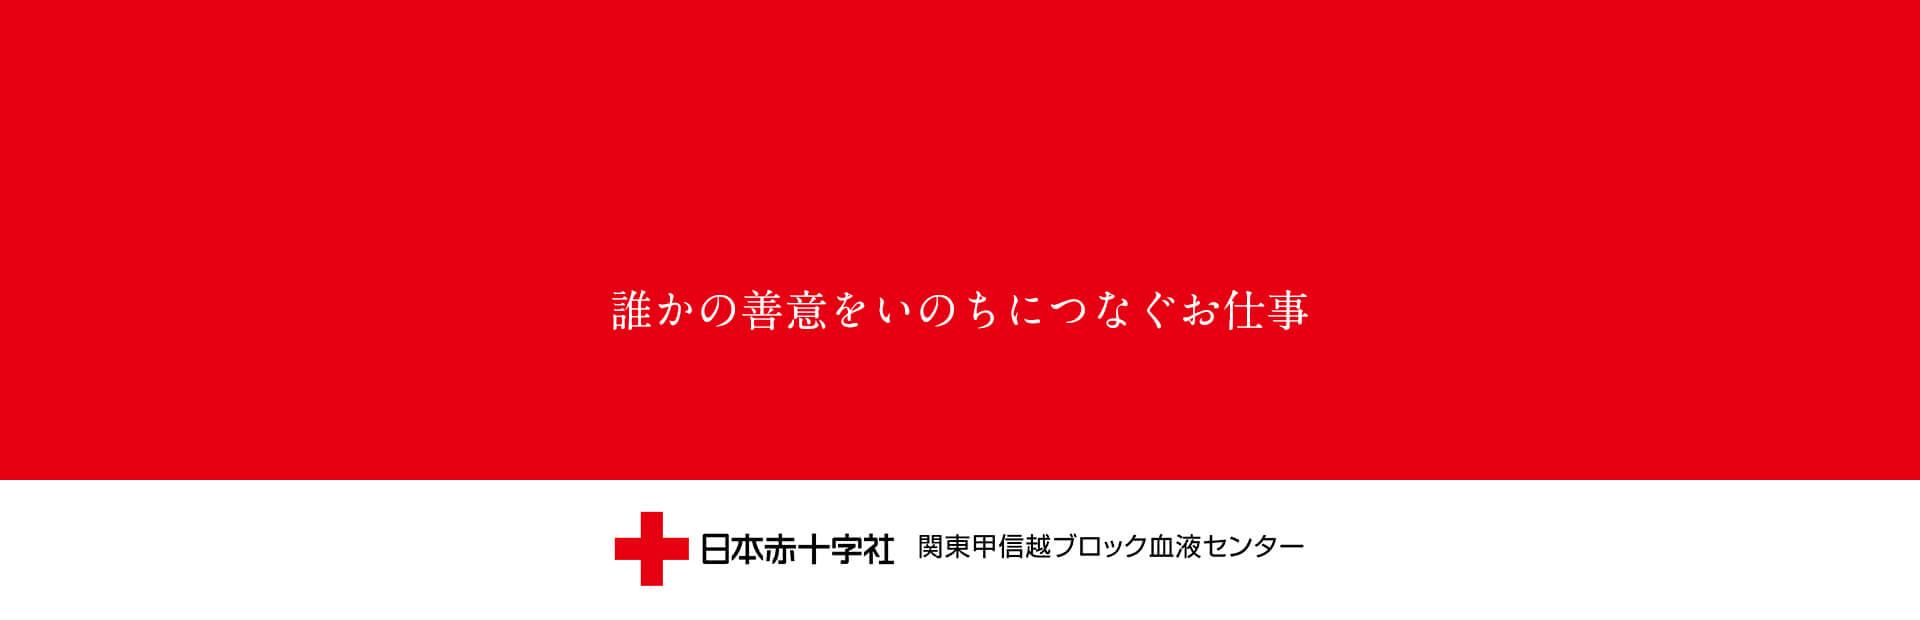 社 と 赤十字 は 日本